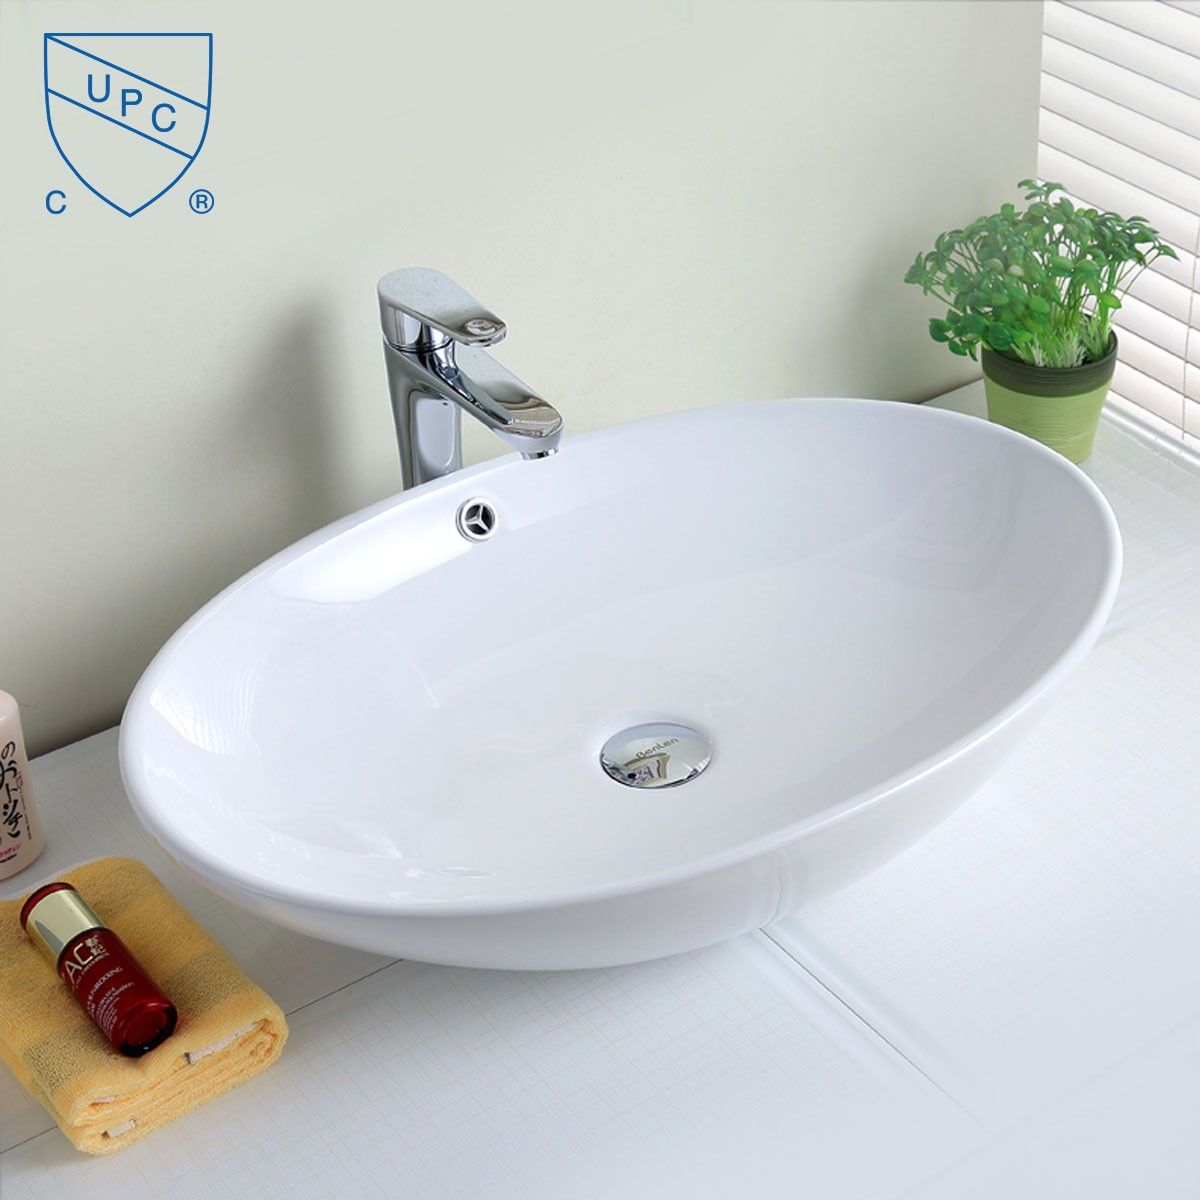 Decoraport White Oval Ceramic Above Counter Basin (CL-1164)